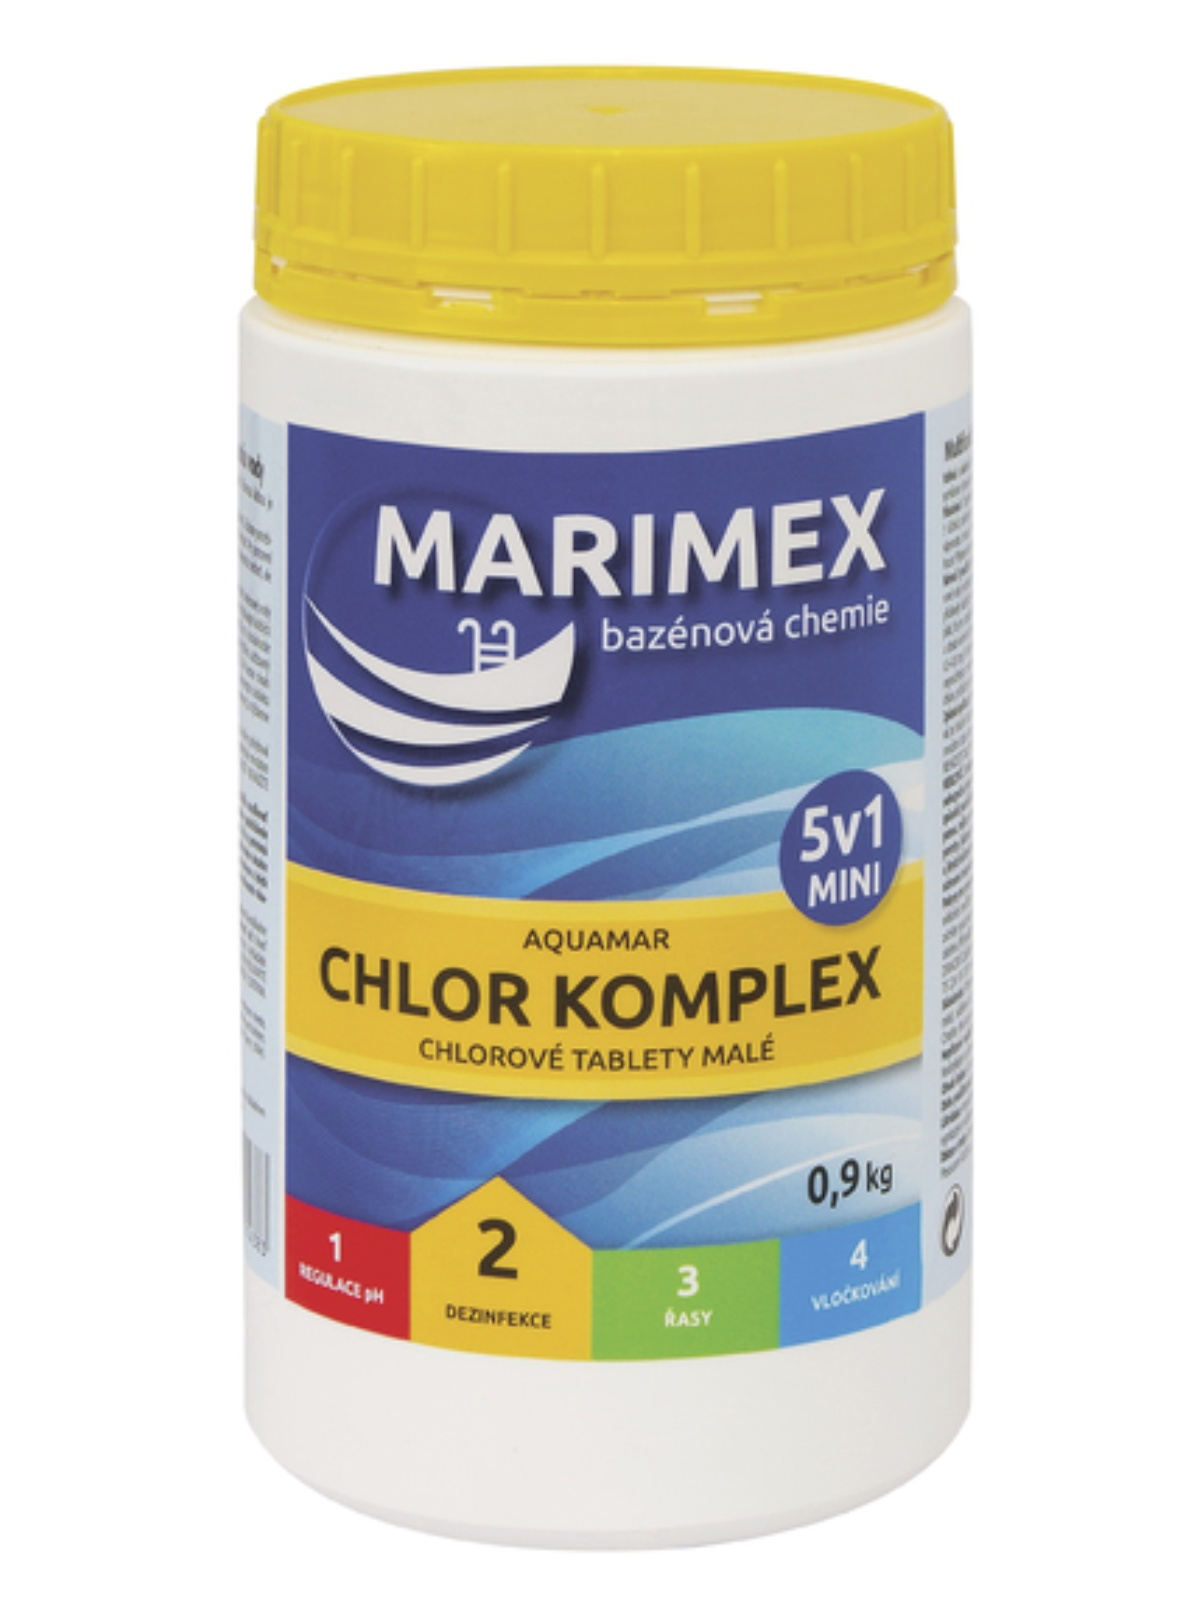 MARIMEX 11301211 AquaMar Komplex Mini 5v1 900g